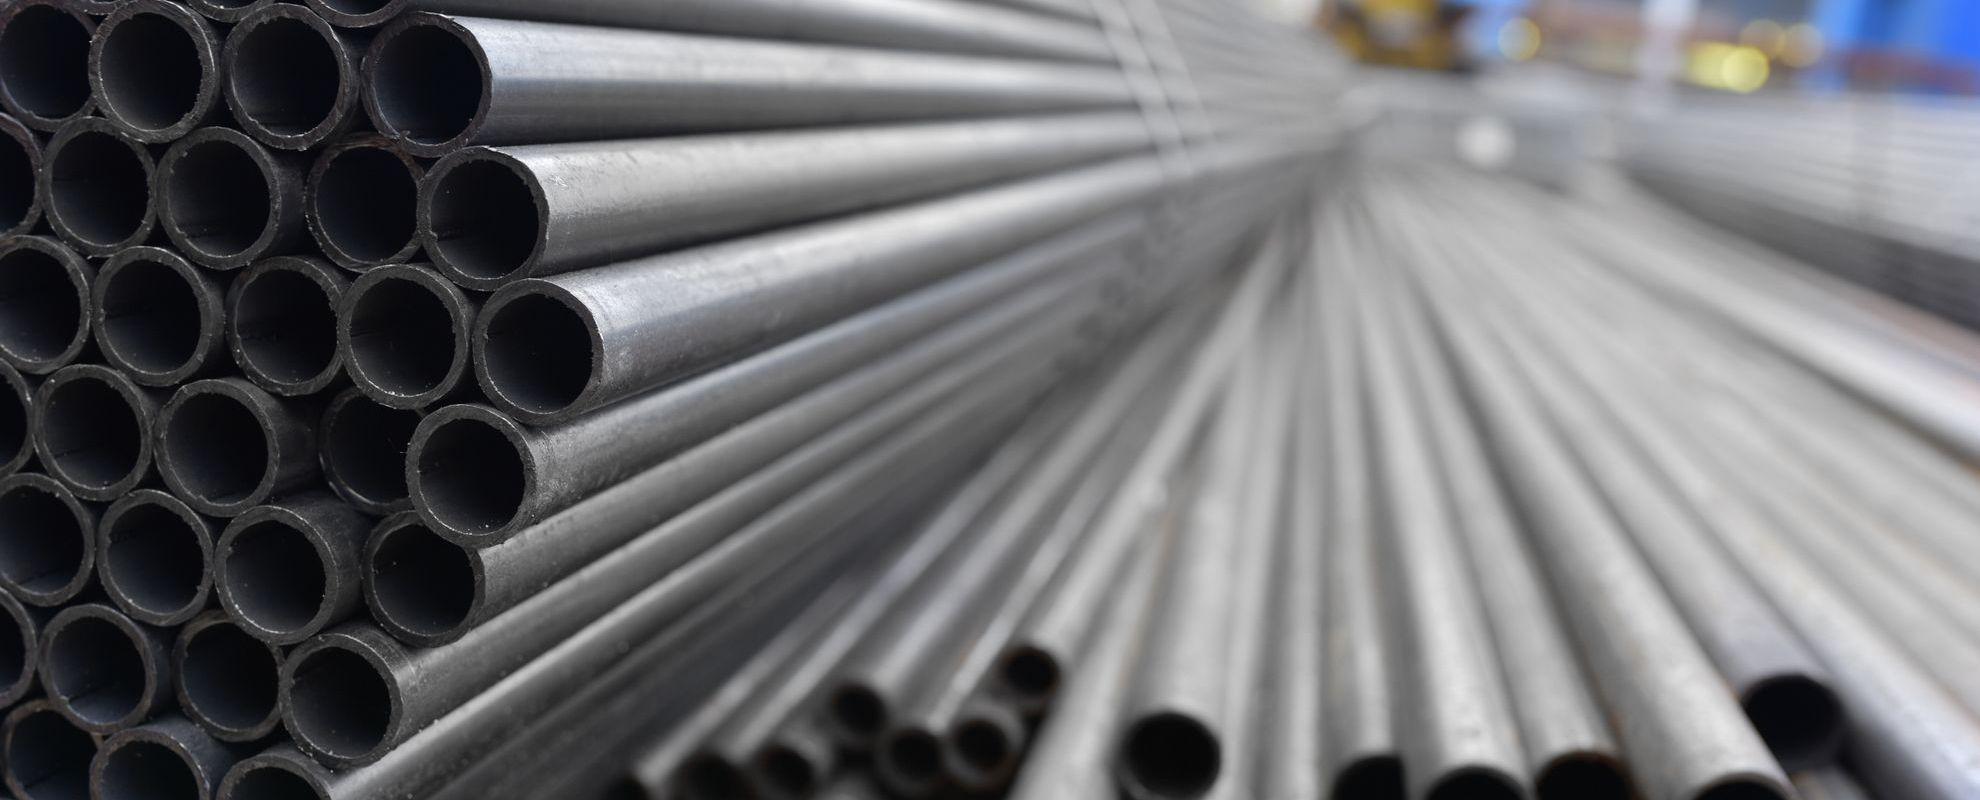 Търговия с метали и строителни материали